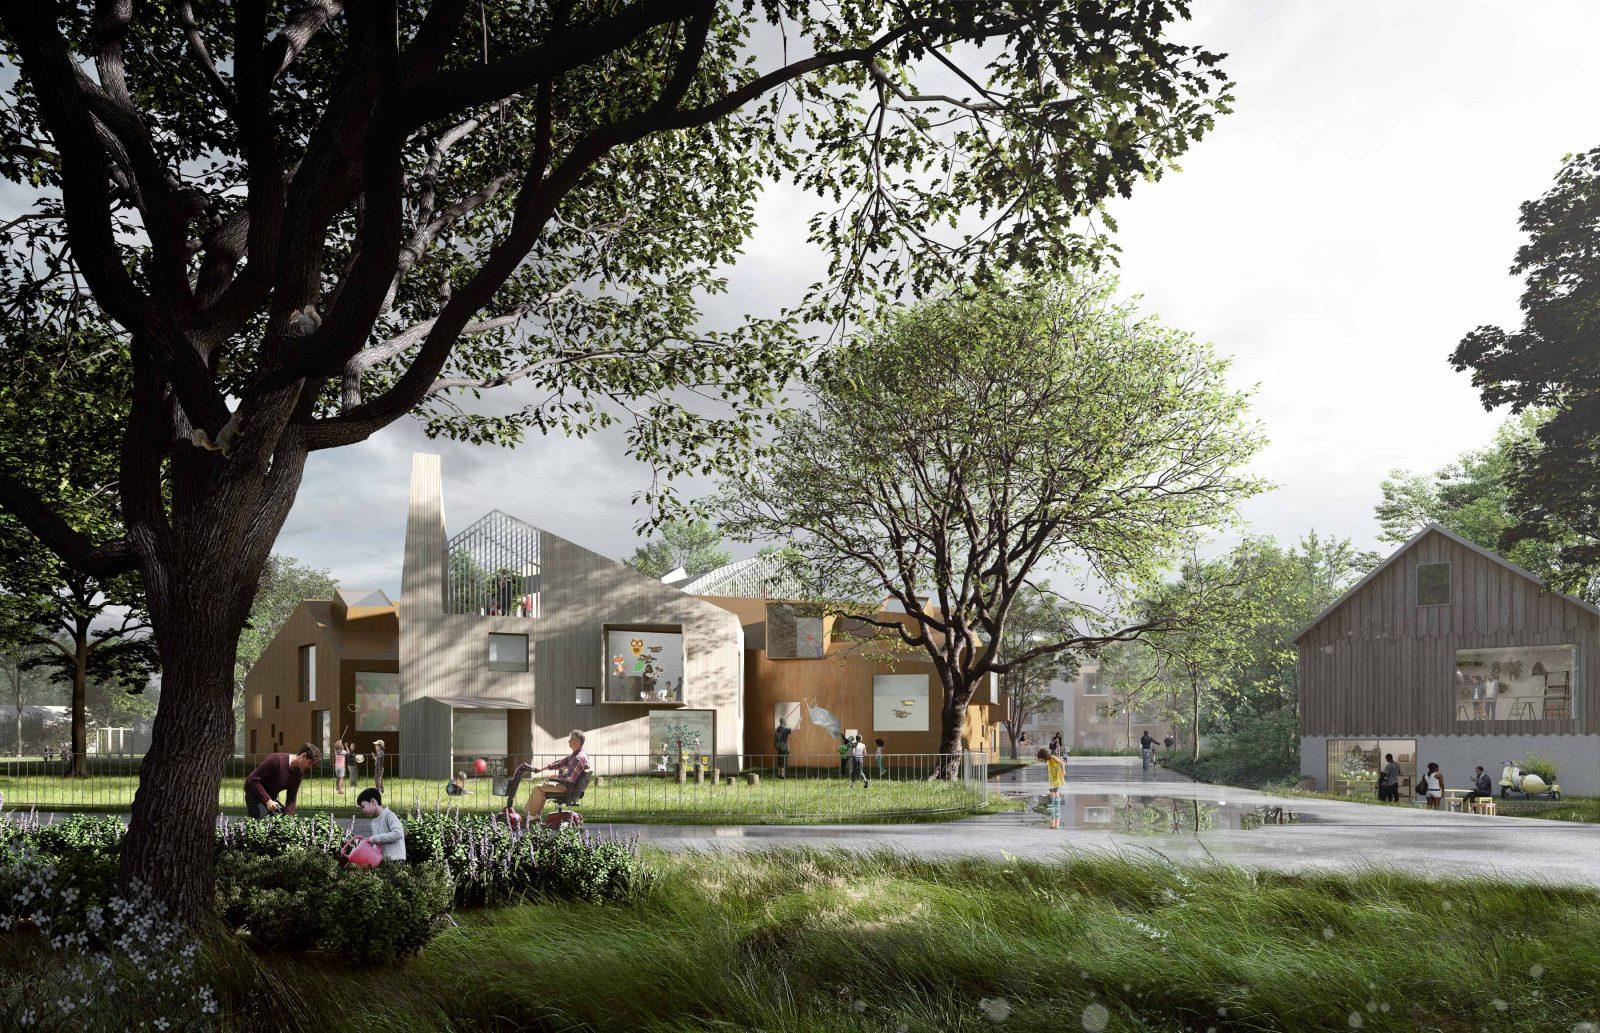 KjellanderSjoberg Storaskondal villa 3600x2324px